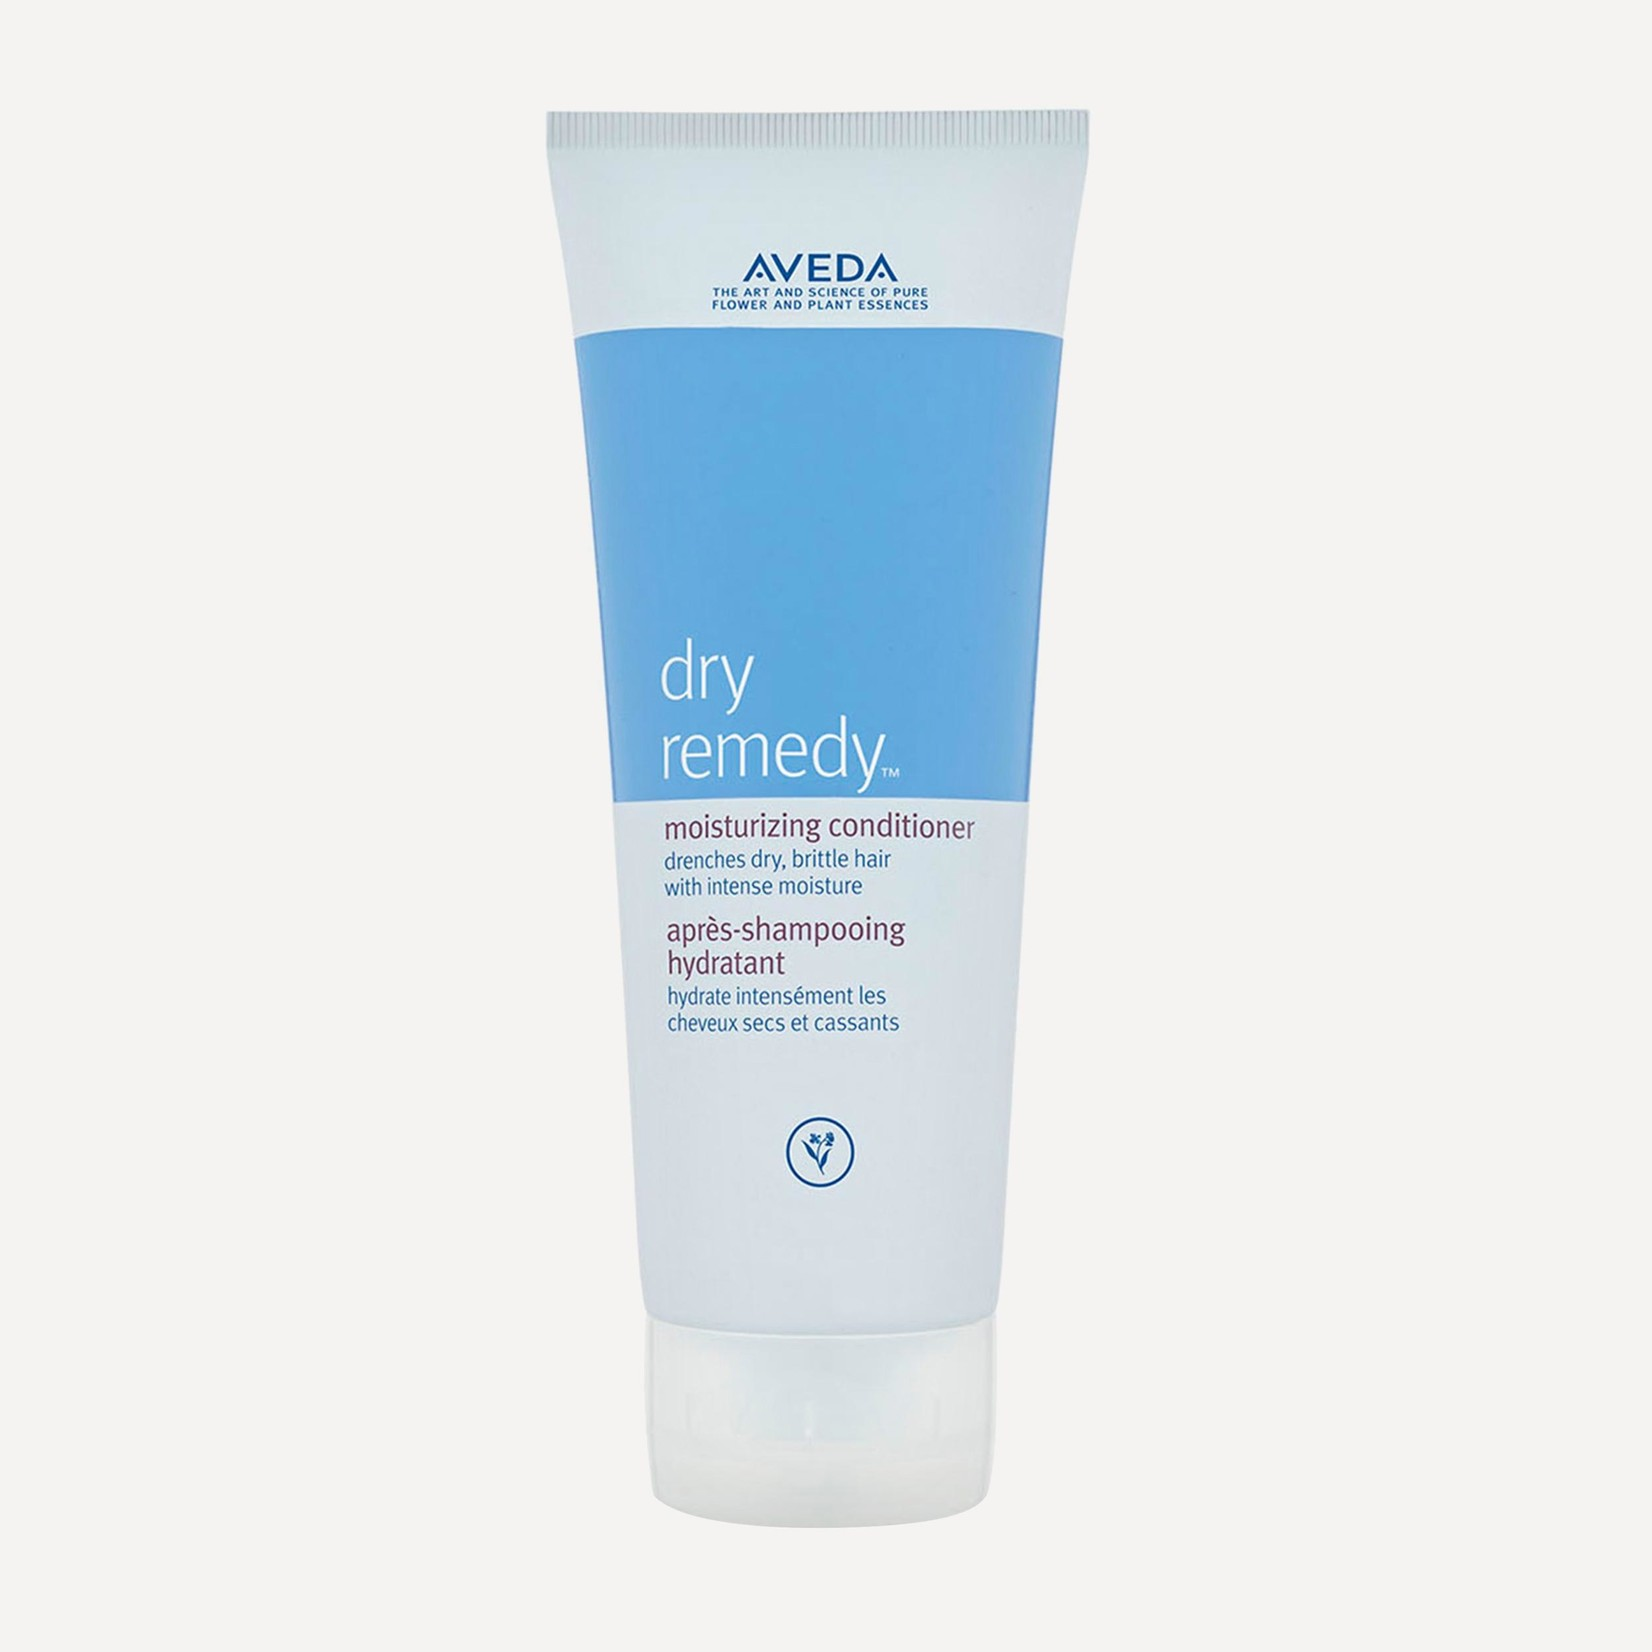 AVEDA Dry Remedy™ Moisturizing Conditioner